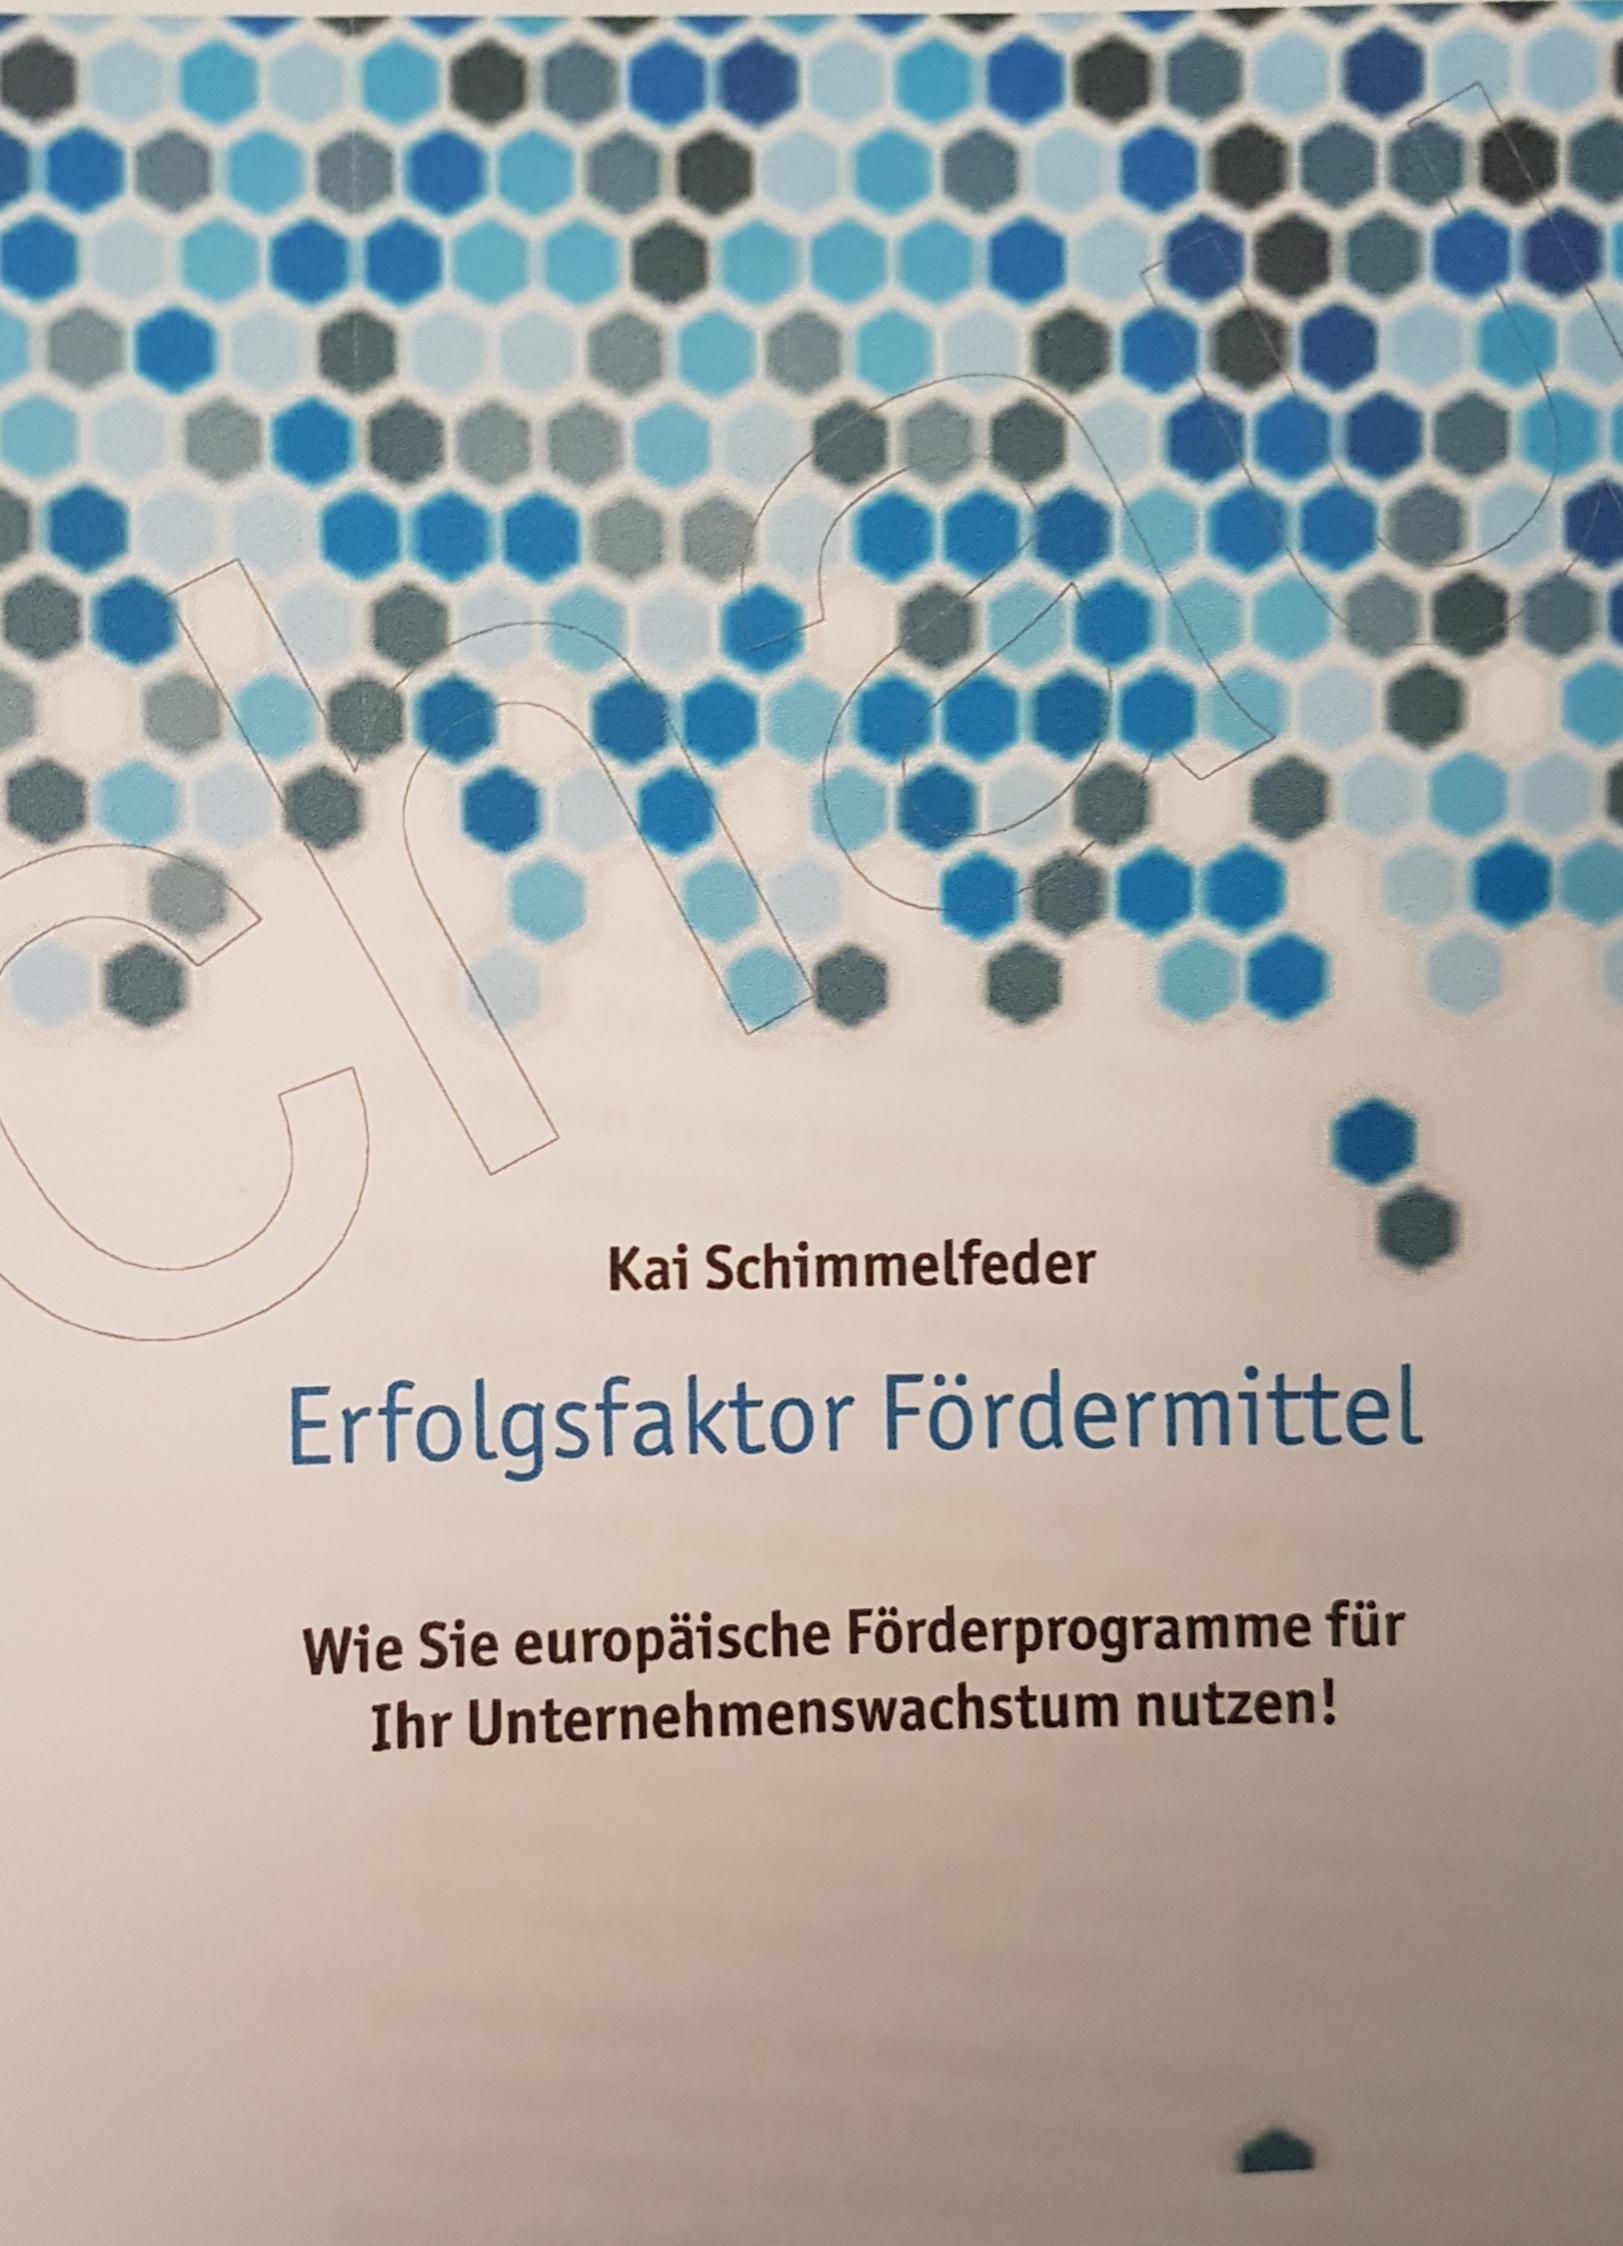 Expert Marketplace -  Kai Schimmelfeder - Erfolgsfaktor Fördermittel